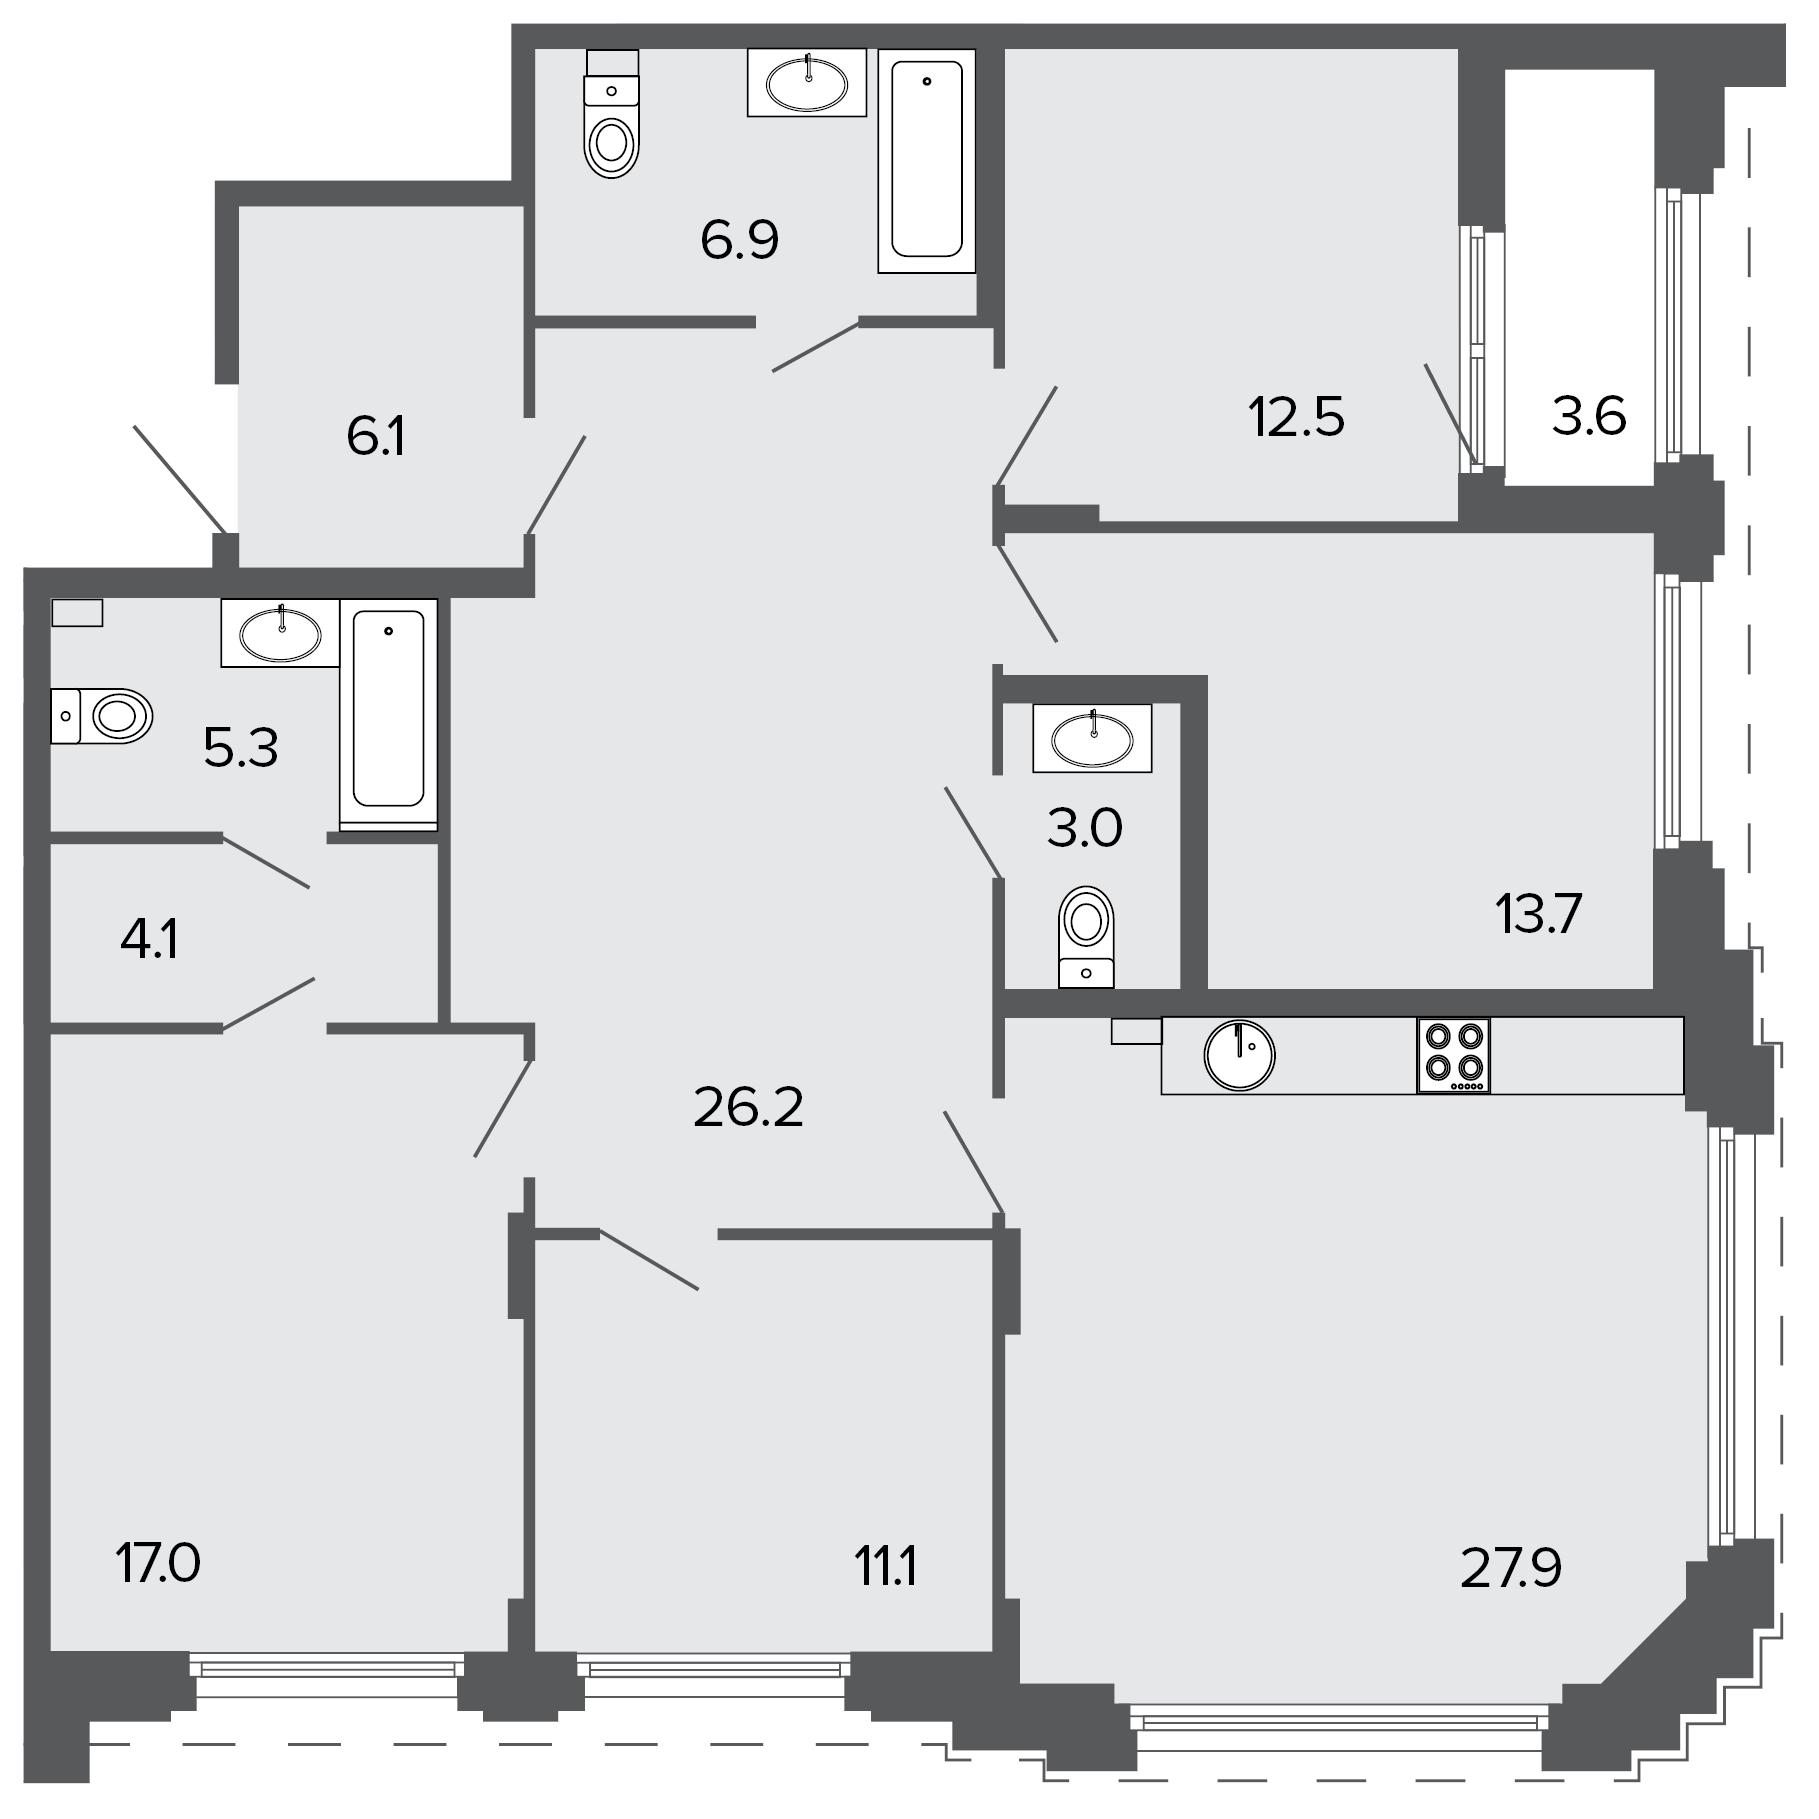 4-комнатная квартира №11 в: ЖК Болконский: 133.7 м²; этаж: 2 - купить в Санкт-Петербурге